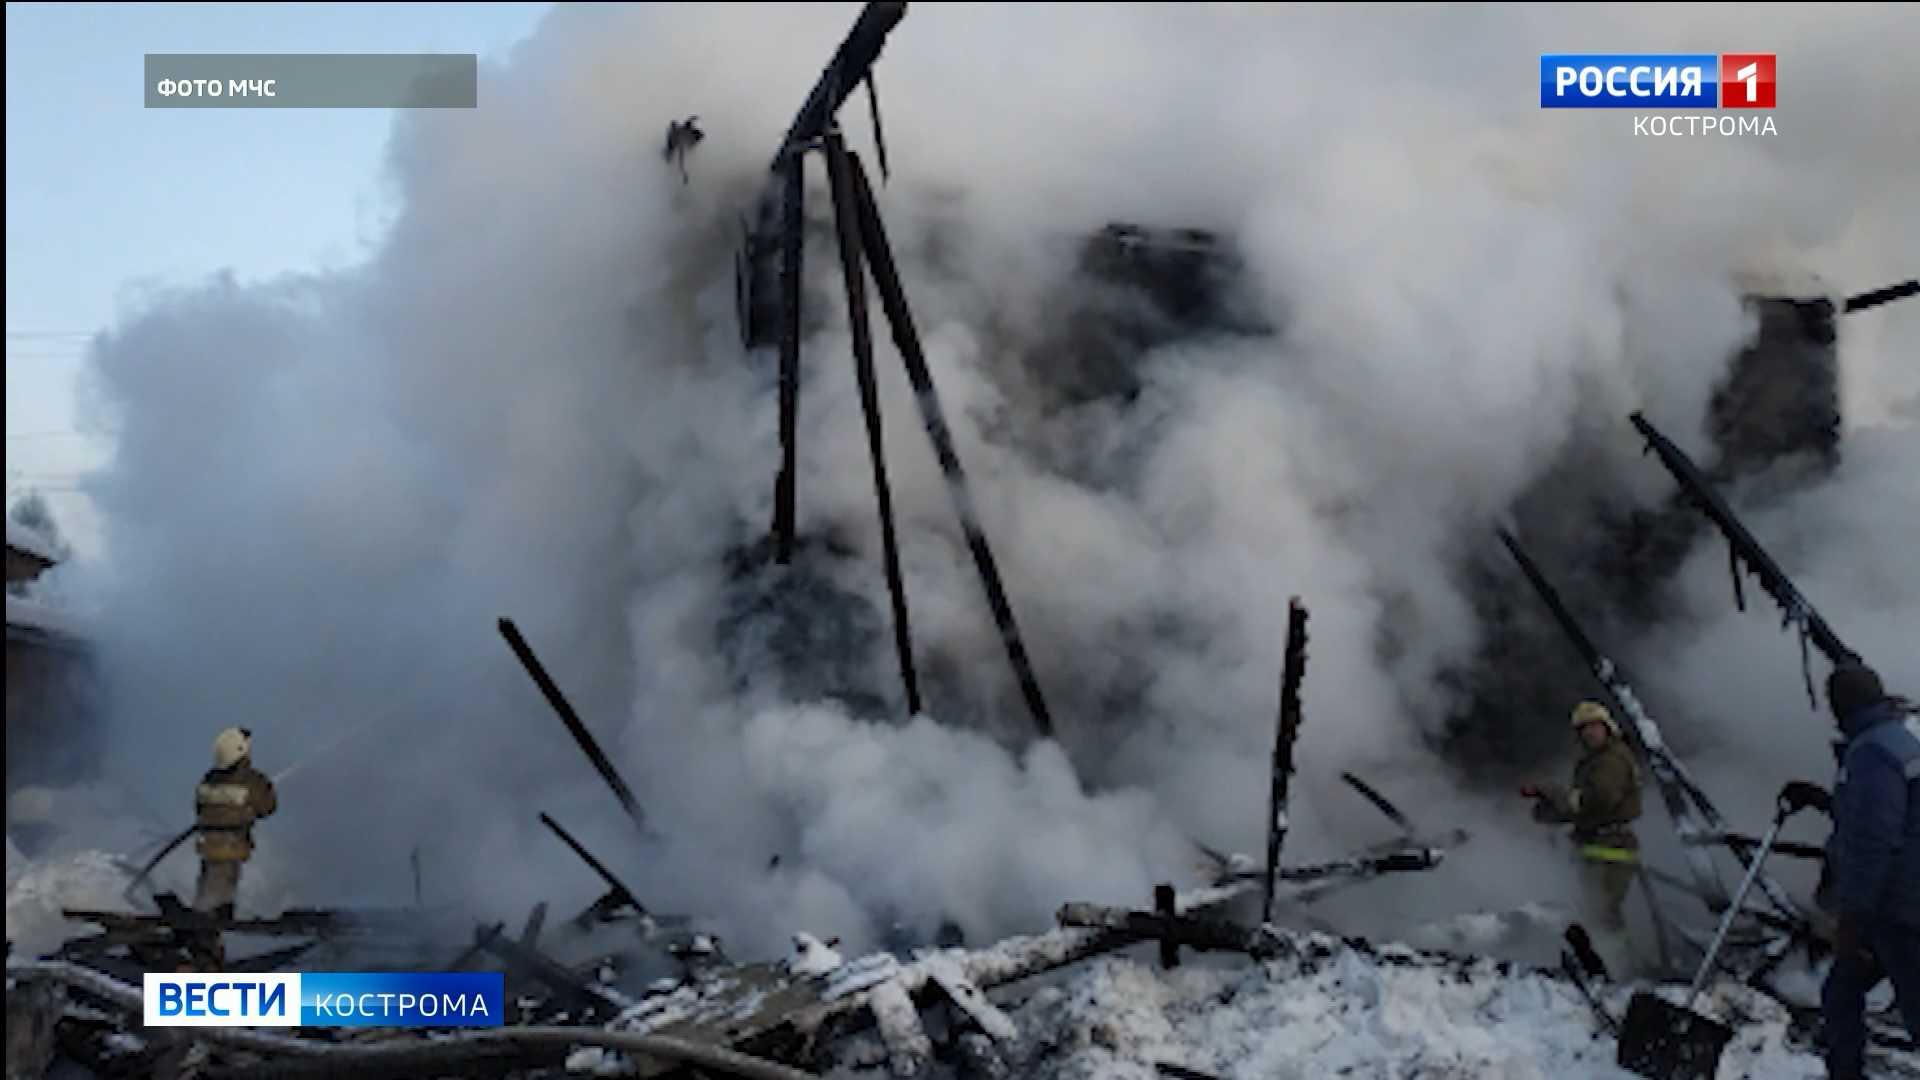 Мороз принес проблемы в Костромскую область – без крова остались 8 семей